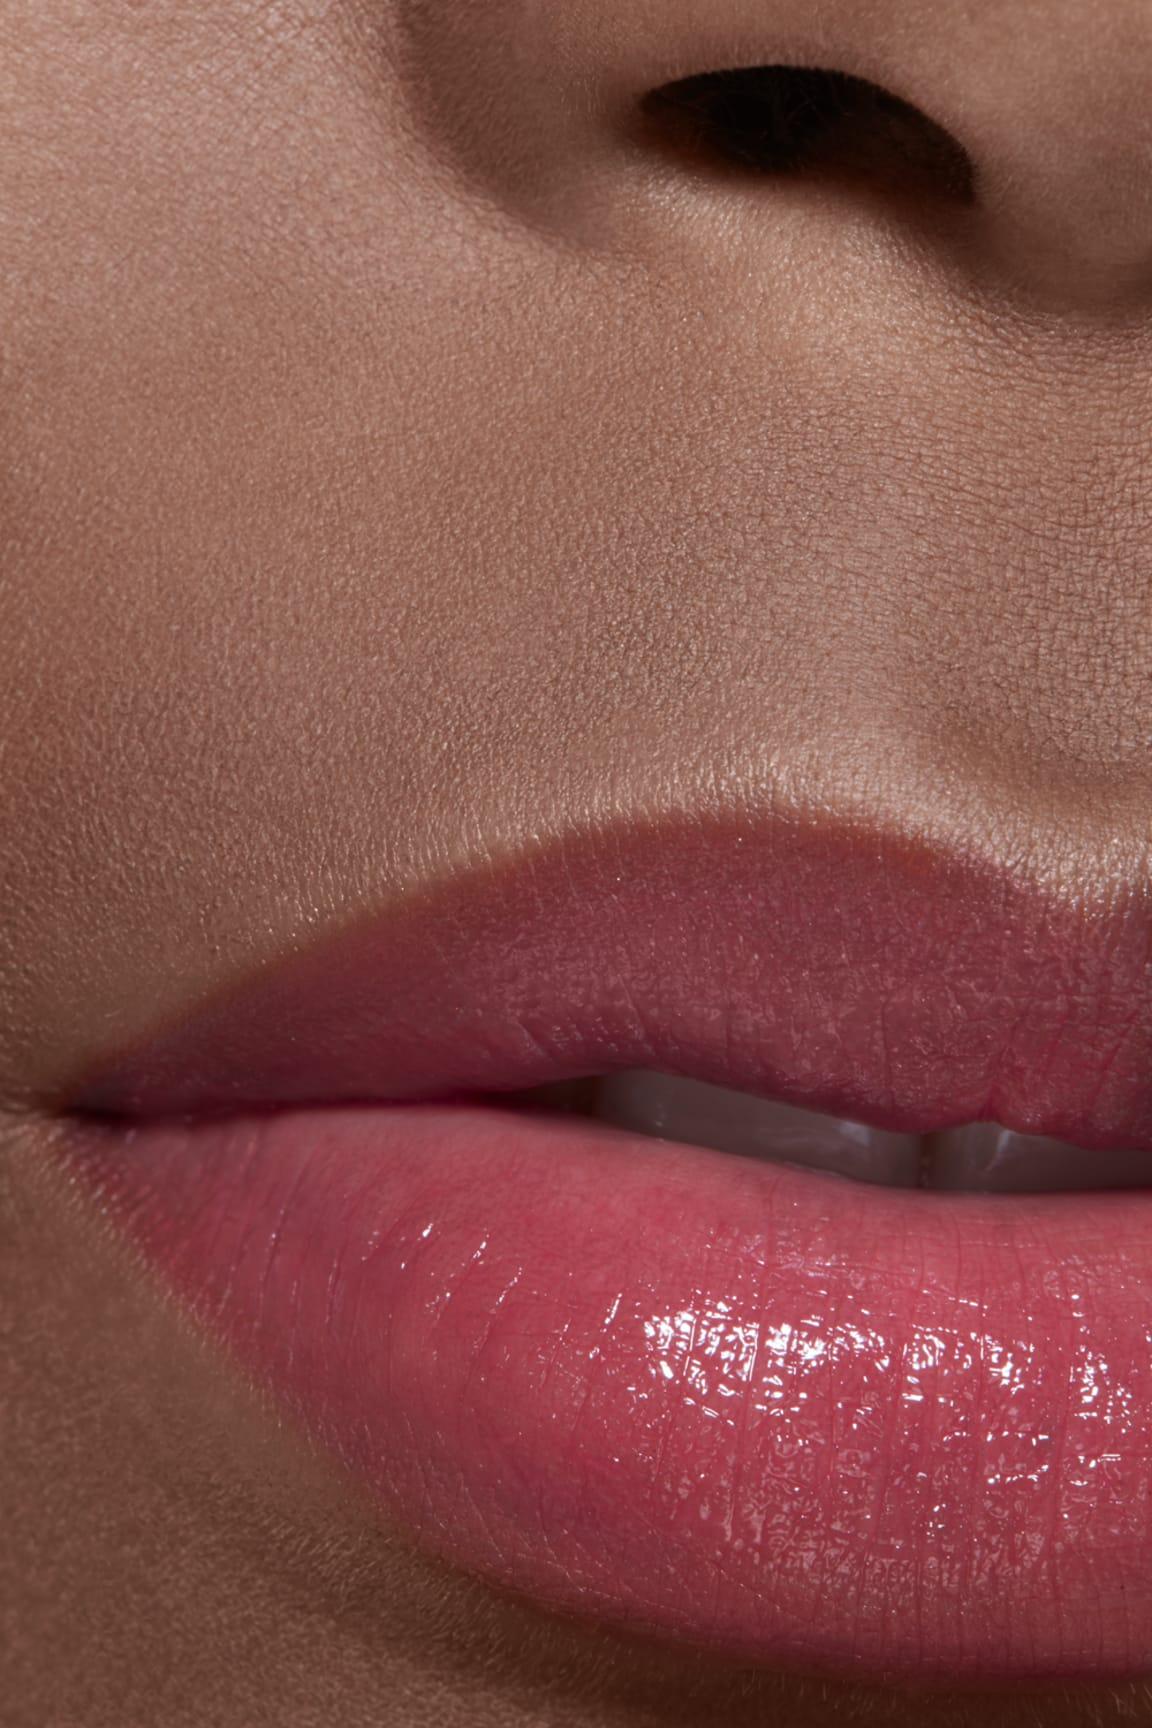 Imagen aplicación de maquillaje 2 - LES BEIGES BAUME À LÈVRES INTENSE